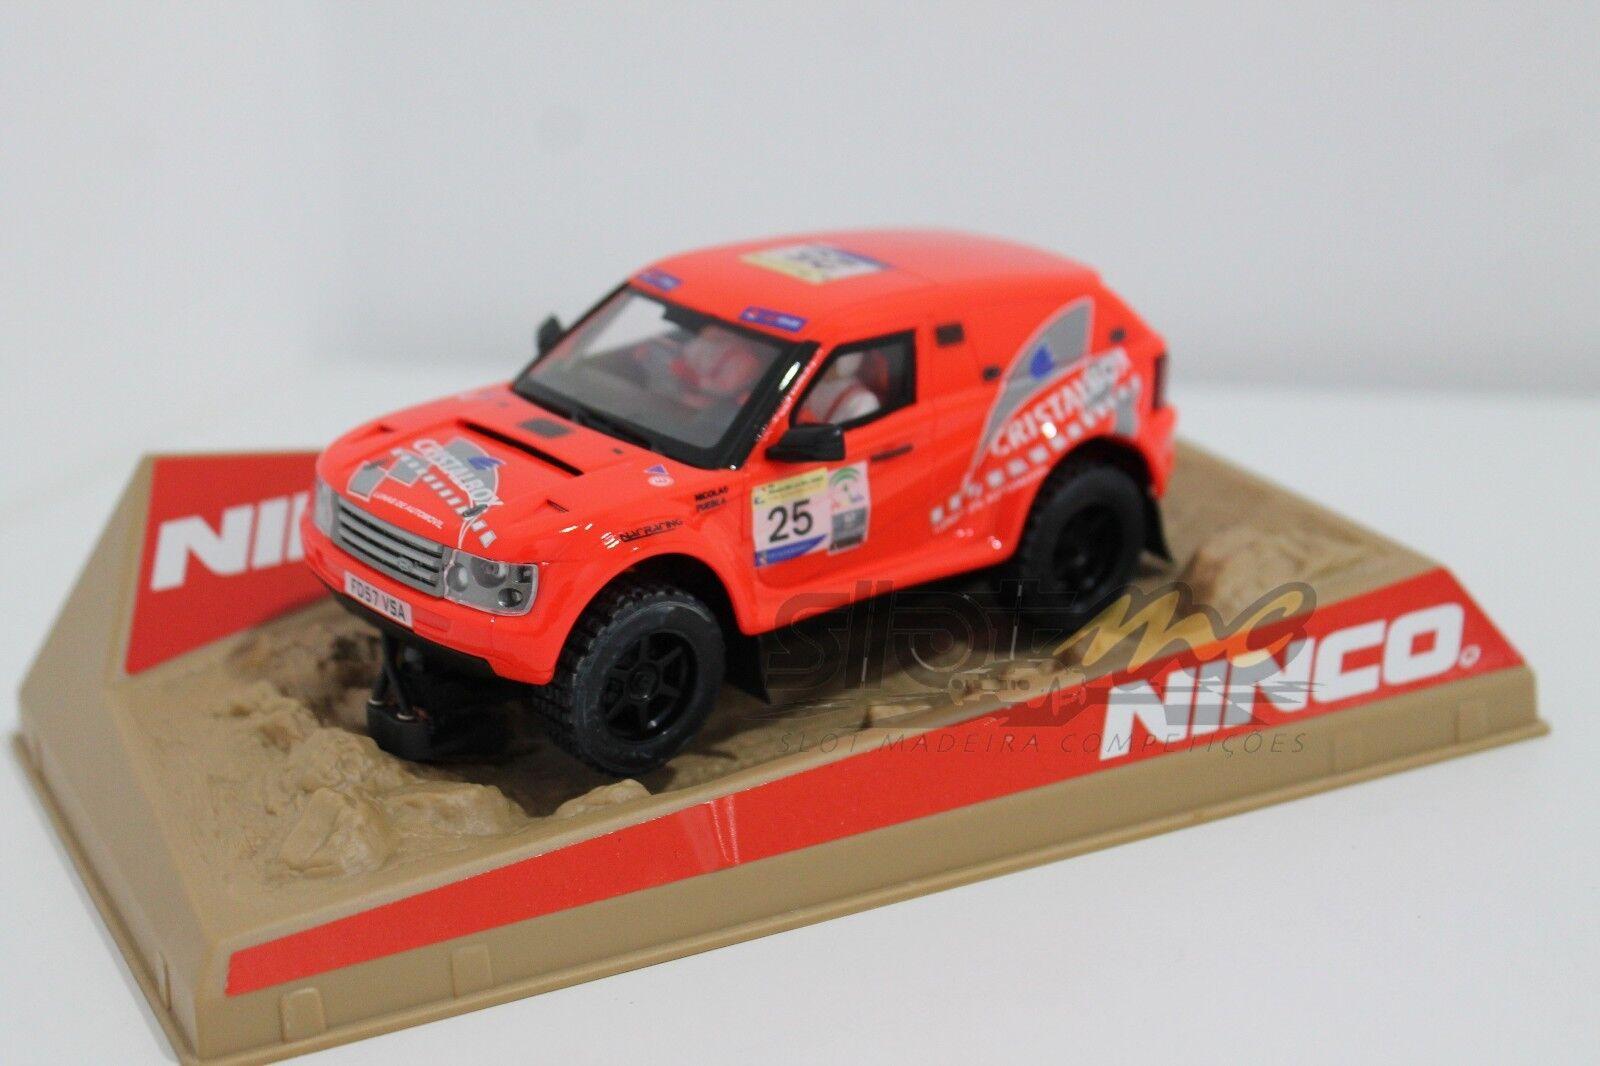 NINCO 50509 Bowler Nemesis -NAC RACING- 1 32  NEW